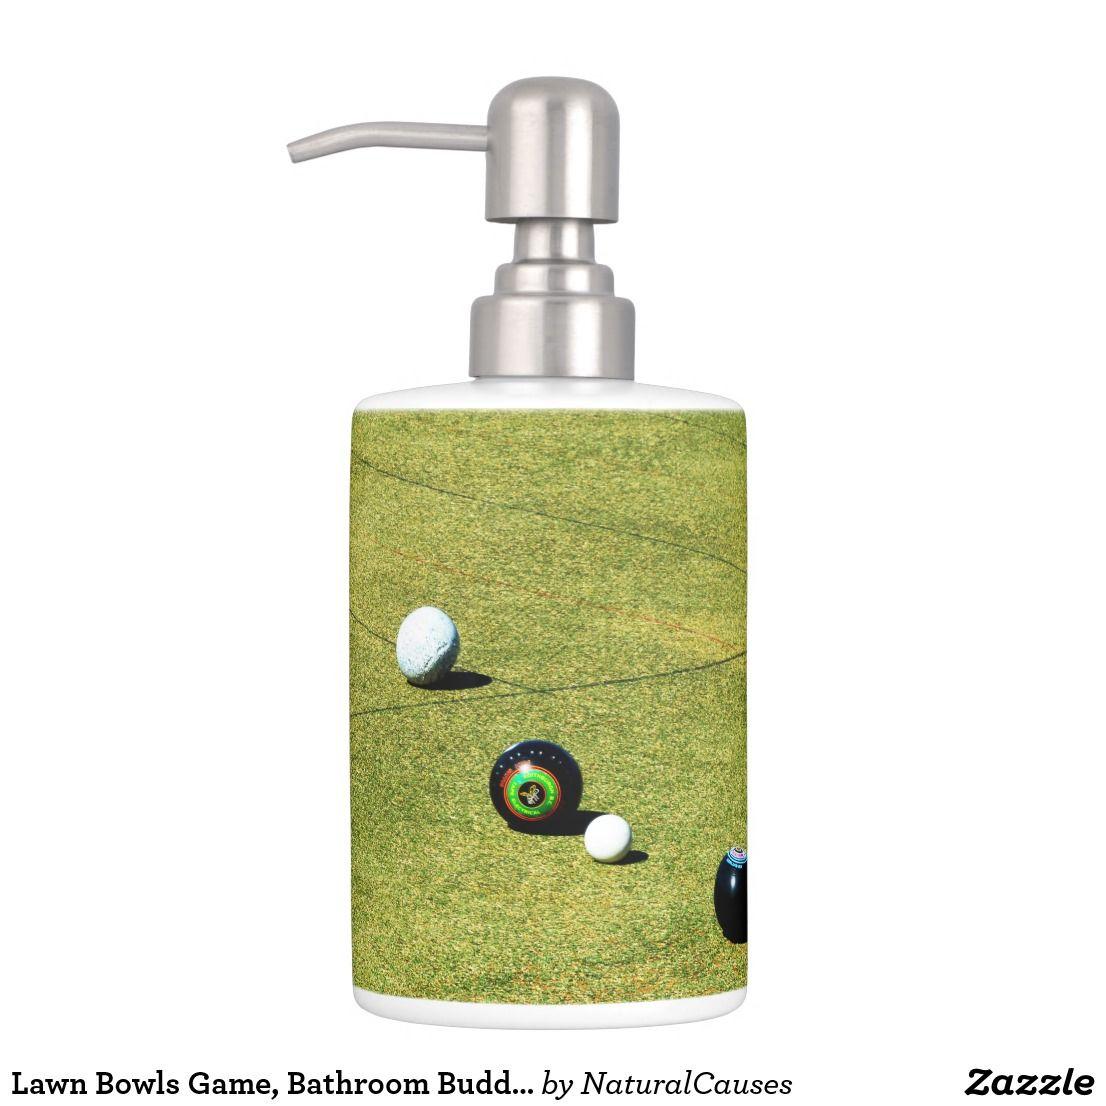 Lawn Bowls Game, Bathroom Buddies Set  Zazzle.com.au  Bathroom